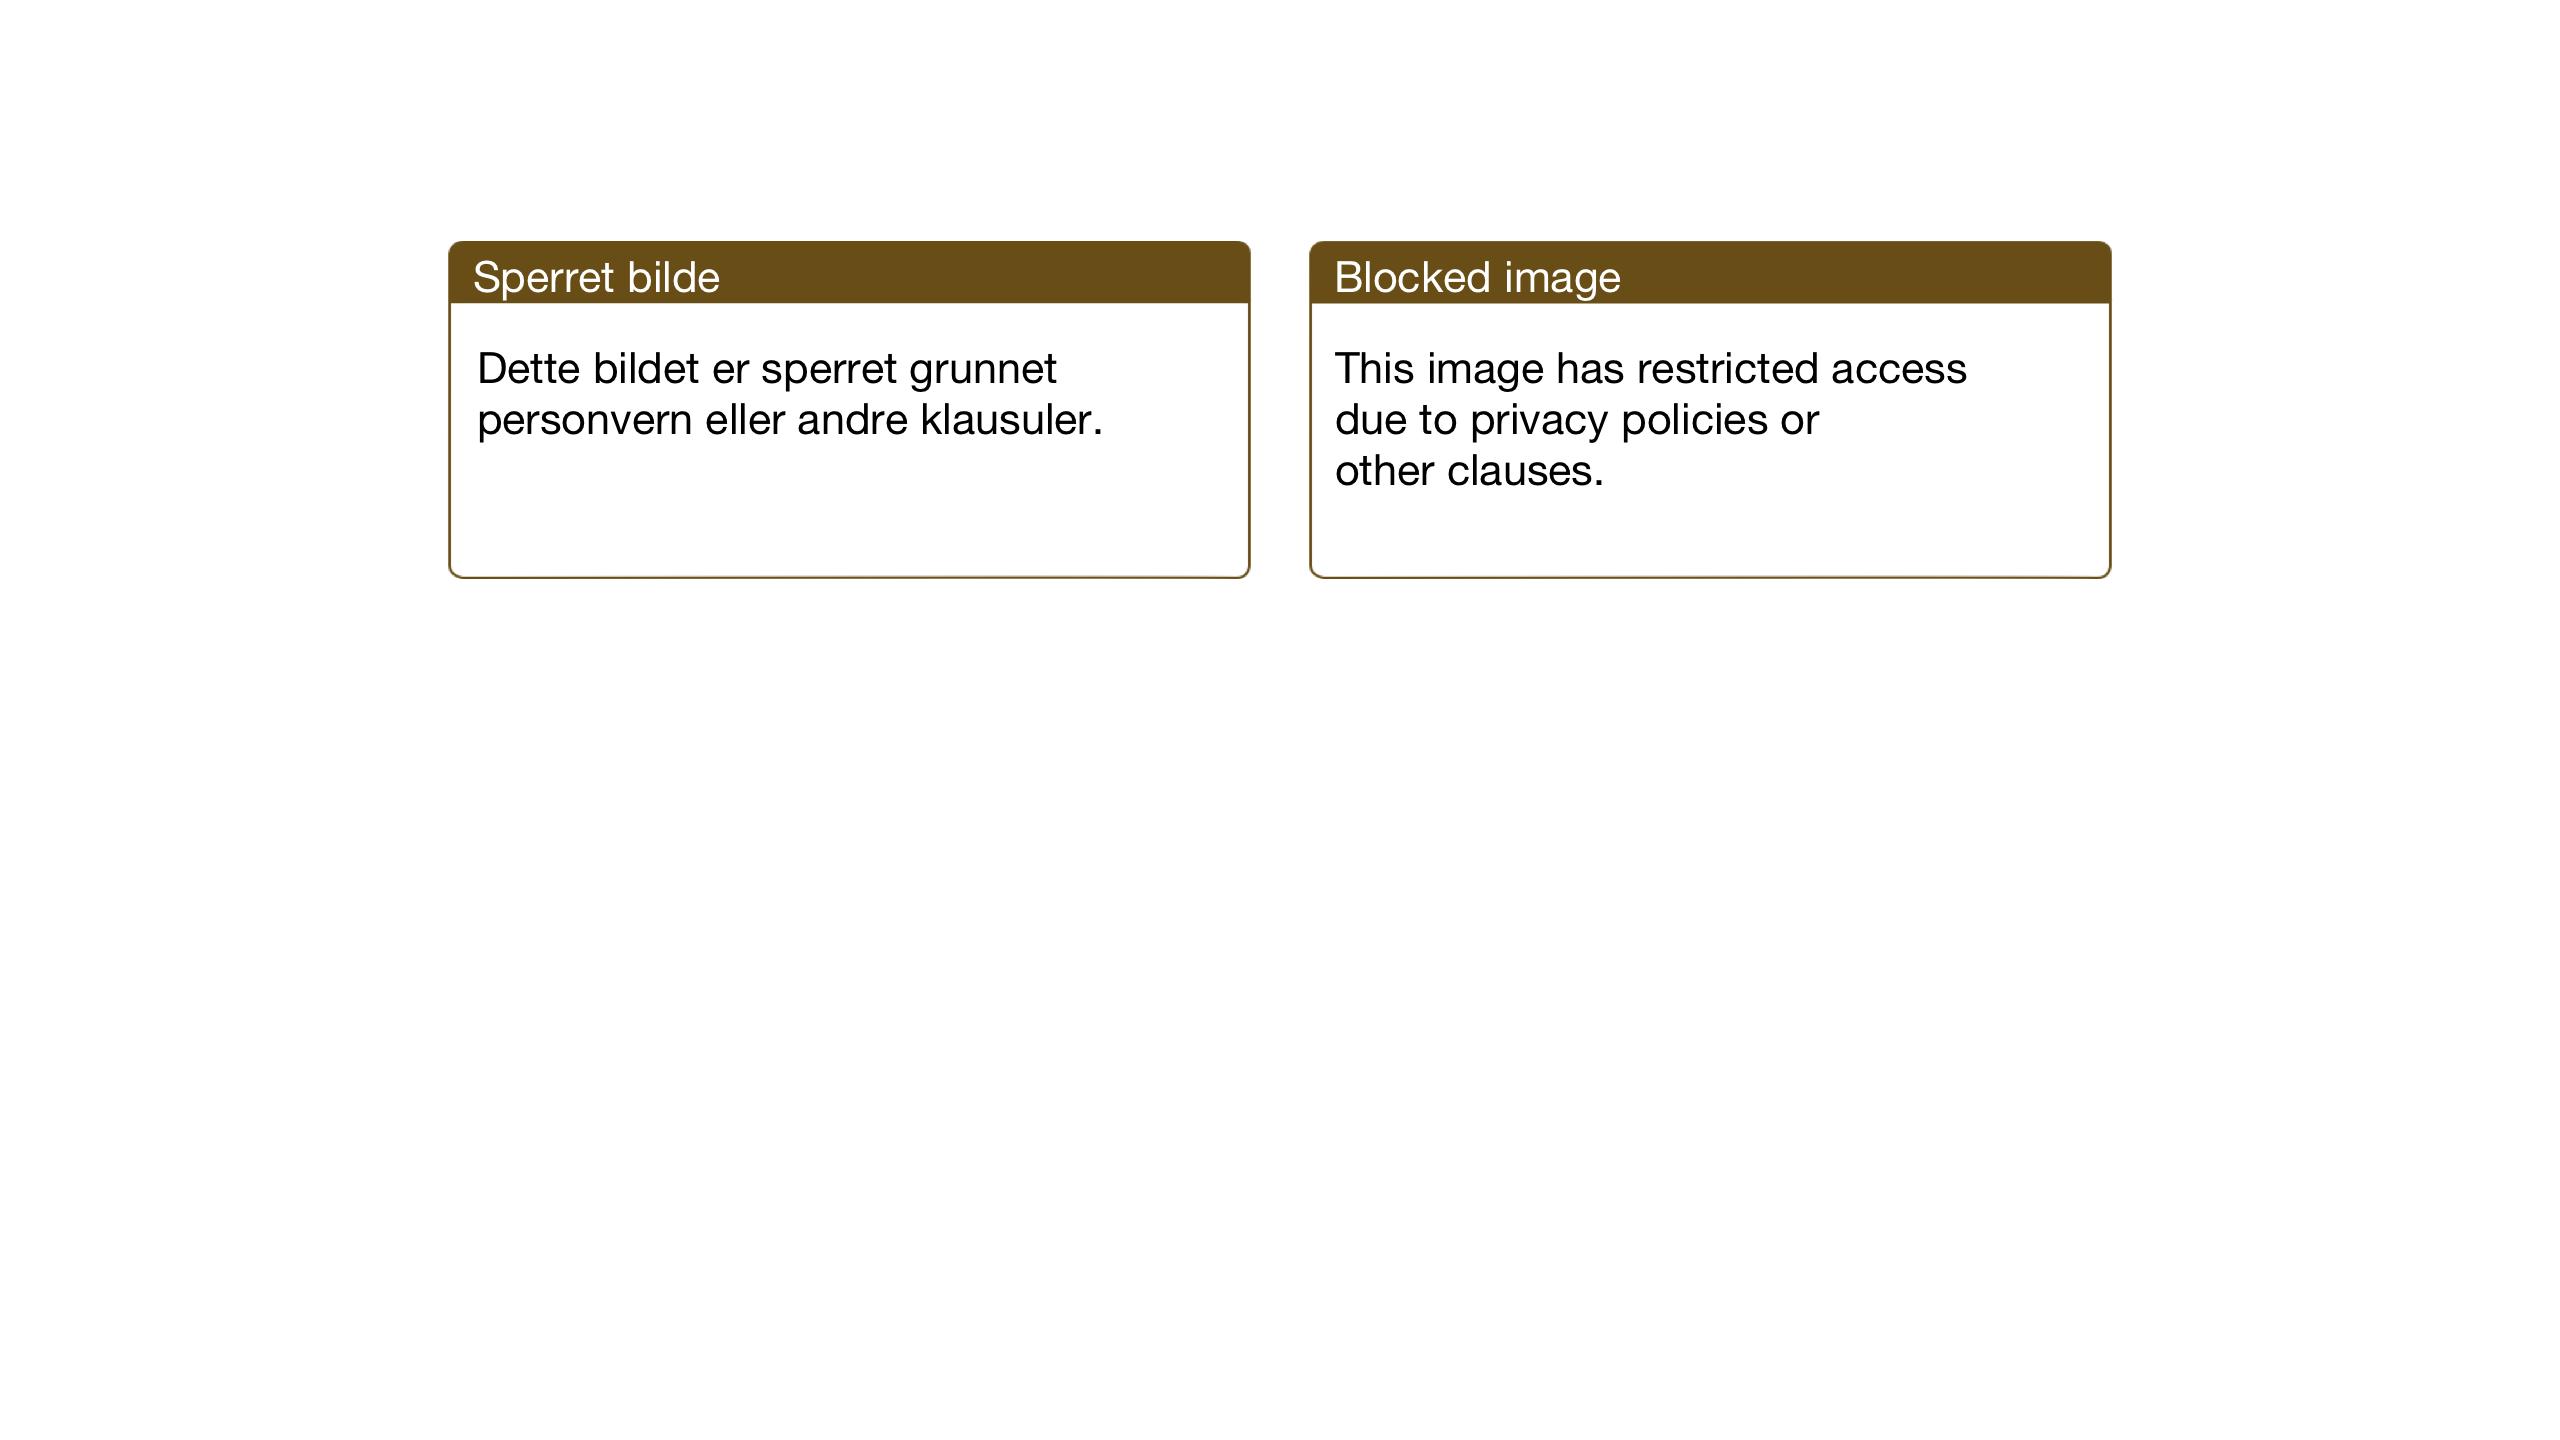 SAT, Ministerialprotokoller, klokkerbøker og fødselsregistre - Sør-Trøndelag, 688/L1030: Klokkerbok nr. 688C05, 1916-1939, s. 131